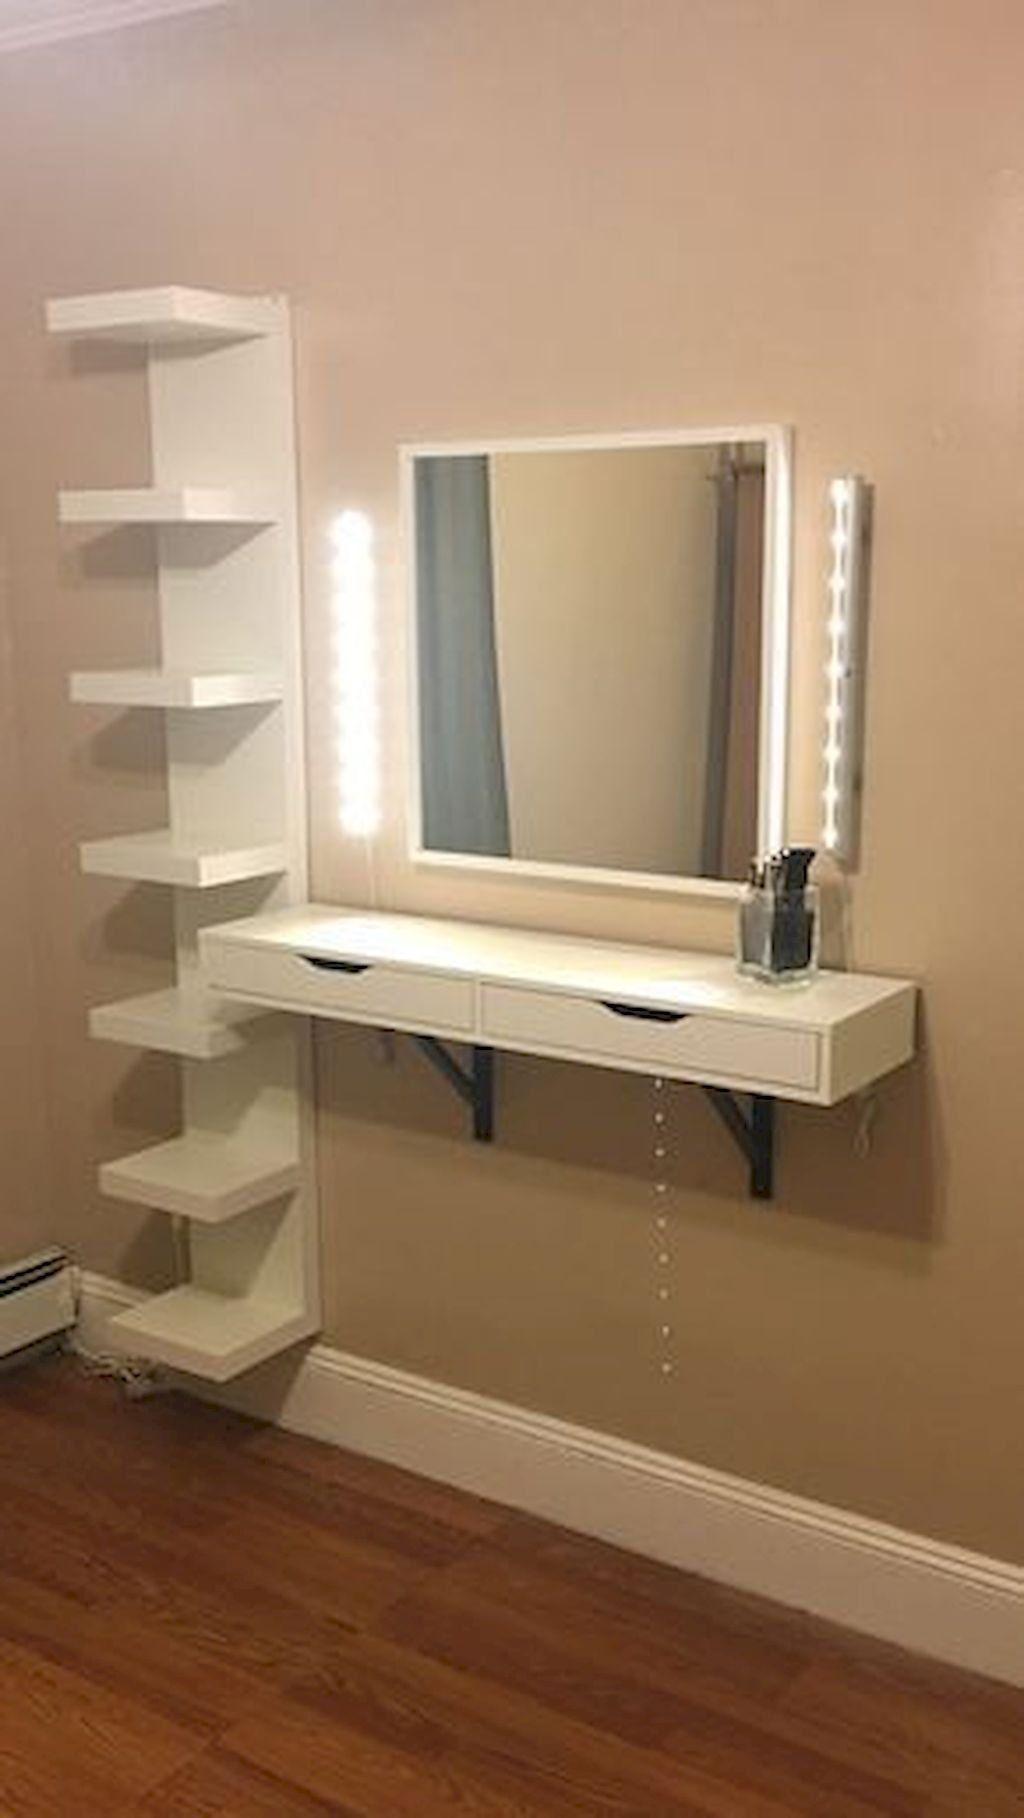 The Beautiful Of Bed Room Vanity Designs Diy Vanity Table Diy Vanity Mirror Easy Diy Room Decor